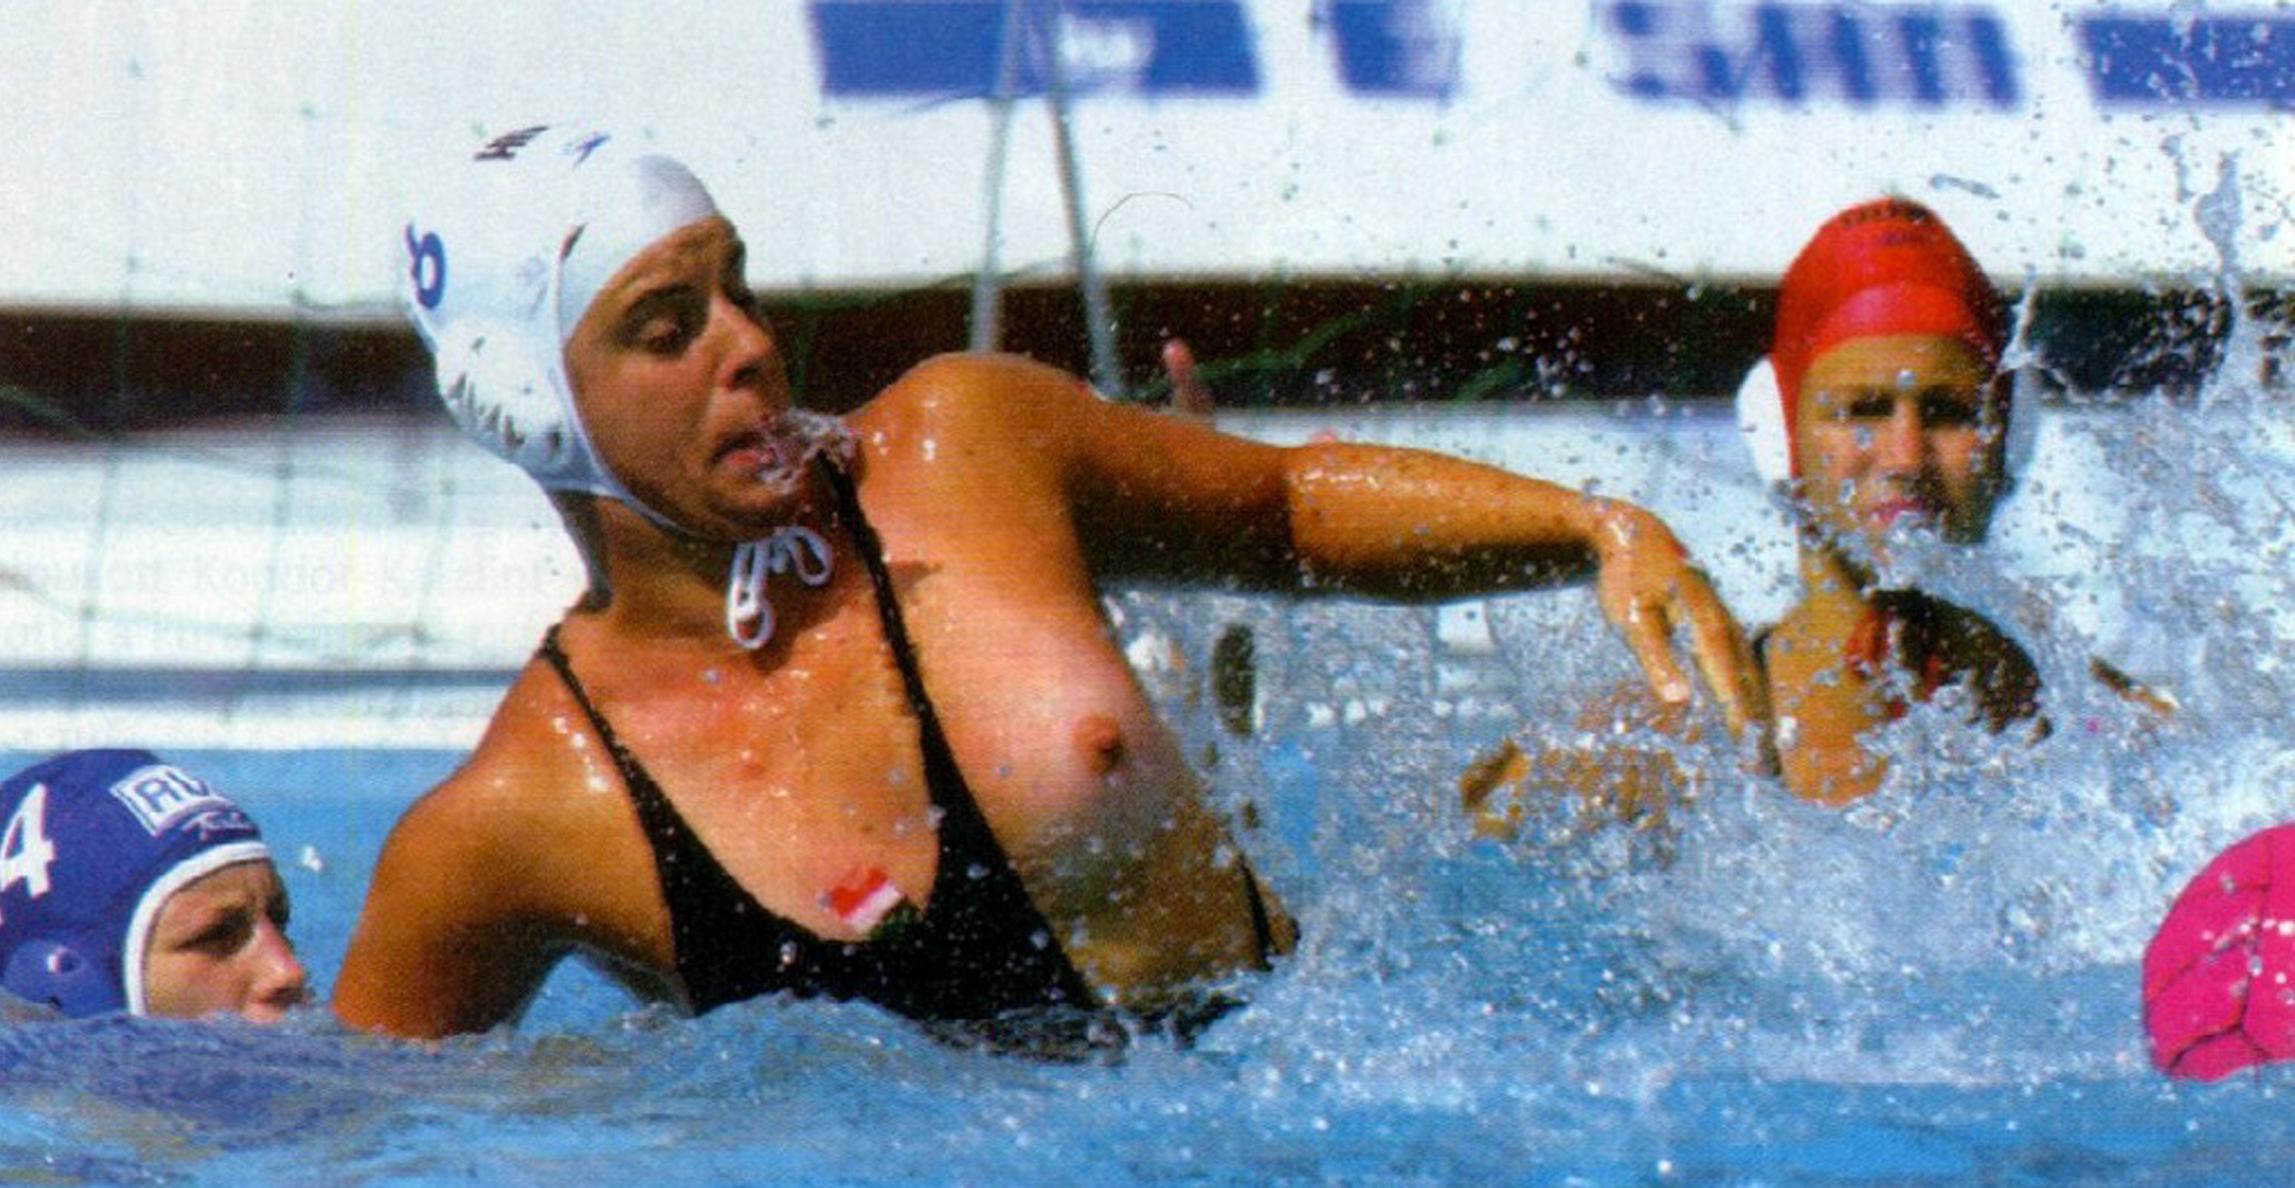 Сучайные эротические моменты в спорте 8 фотография